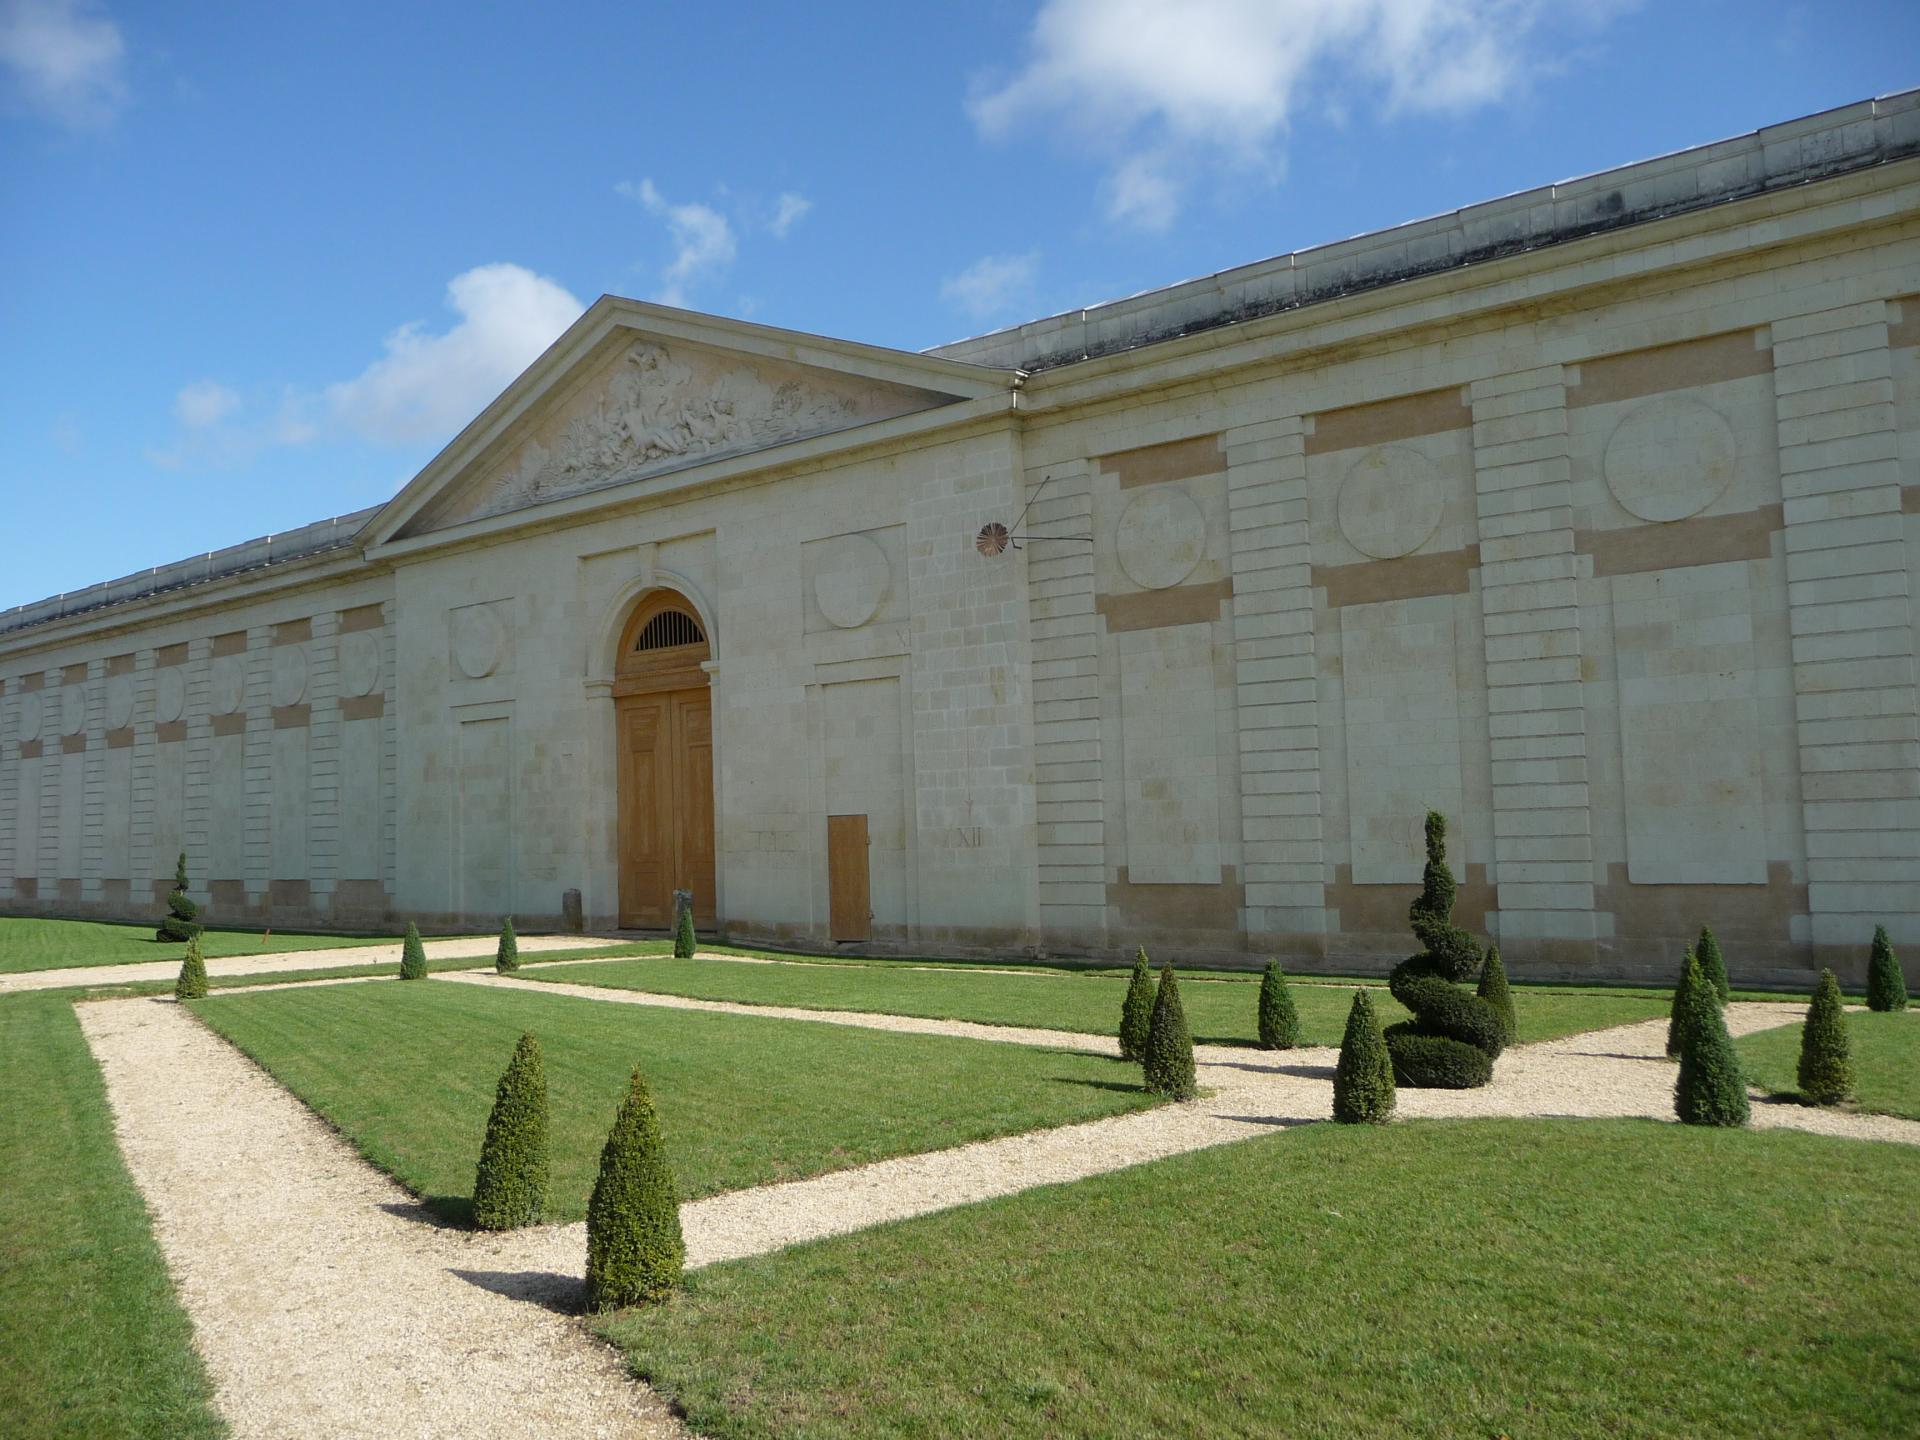 Charles De Wailly, Grange-écurie des Ormes, 1766-1768